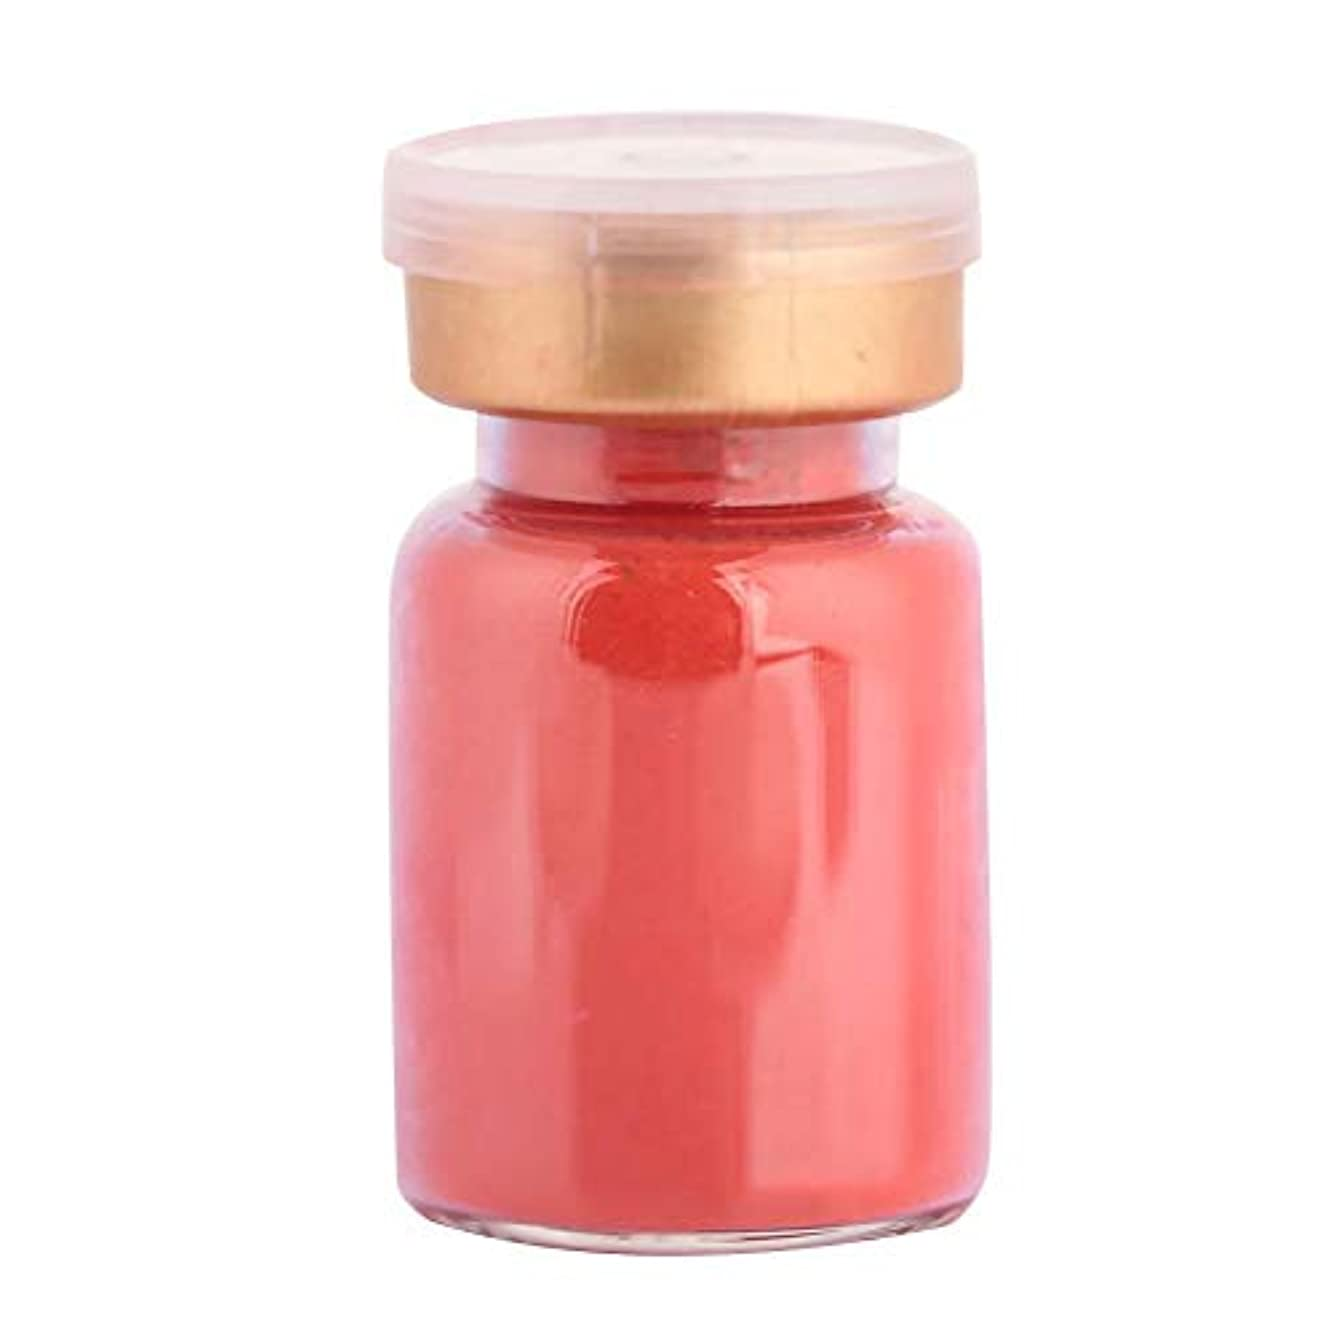 パイント内向き葬儀DIY手作り口紅顔料パウダーツール用口紅頬紅アイシャドウメイク(6)